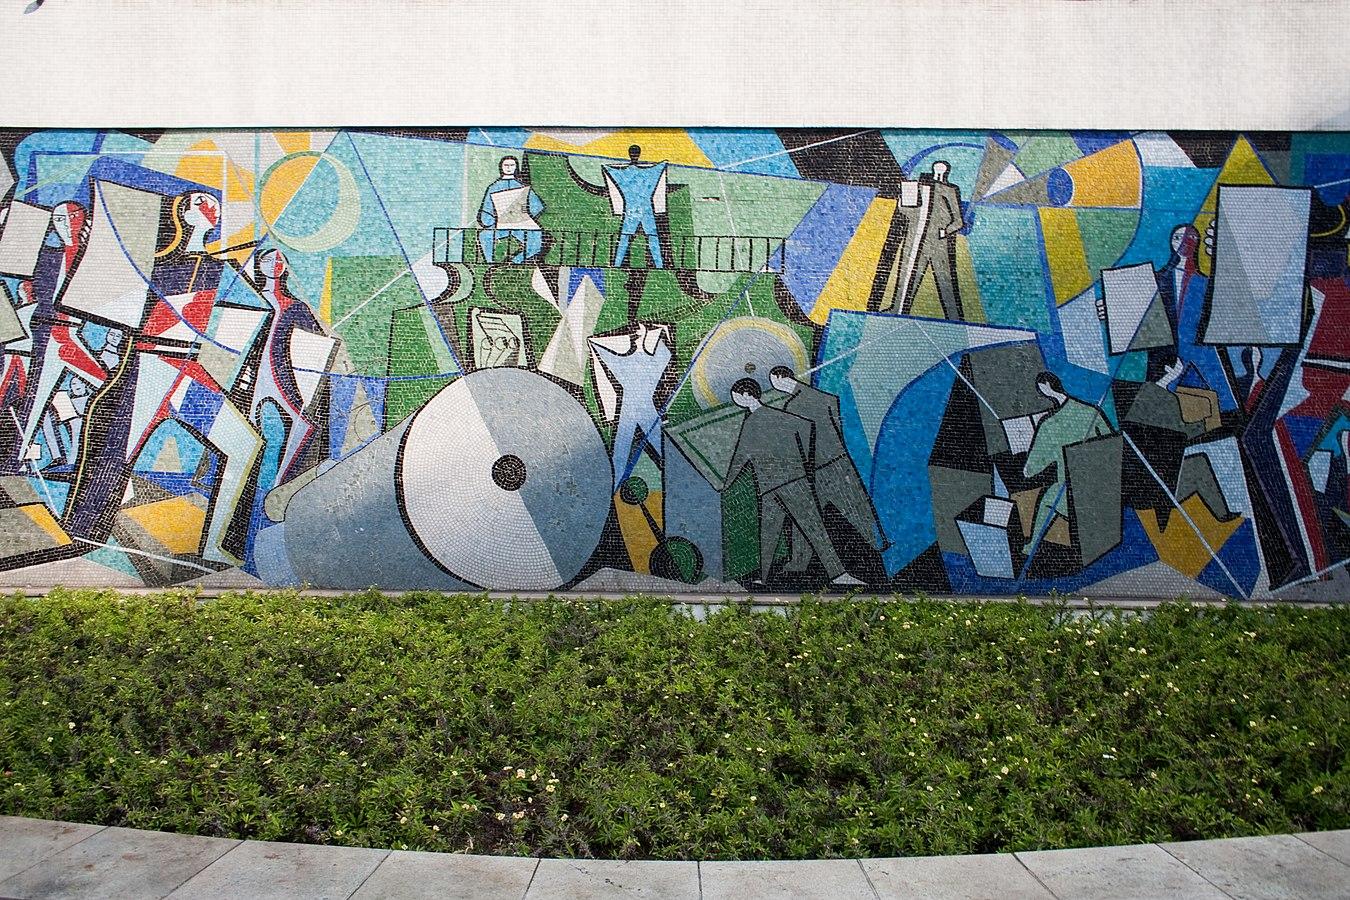 Novotel Jaraguá mural